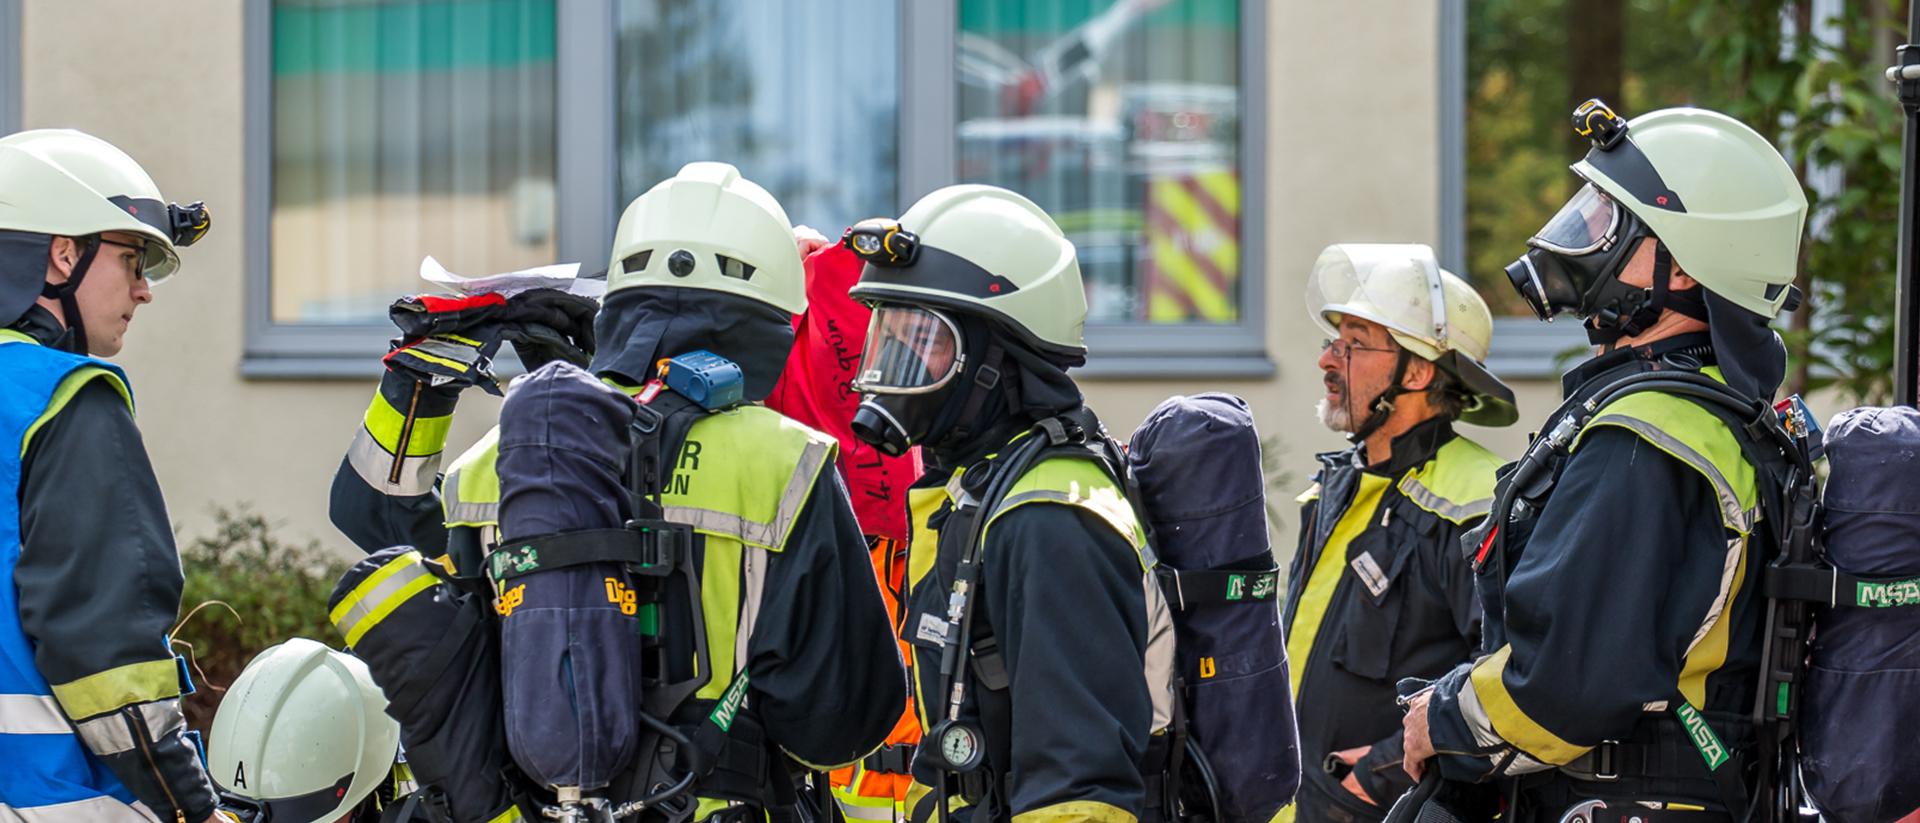 Übung zur Feuerwehraktionswoche 2018